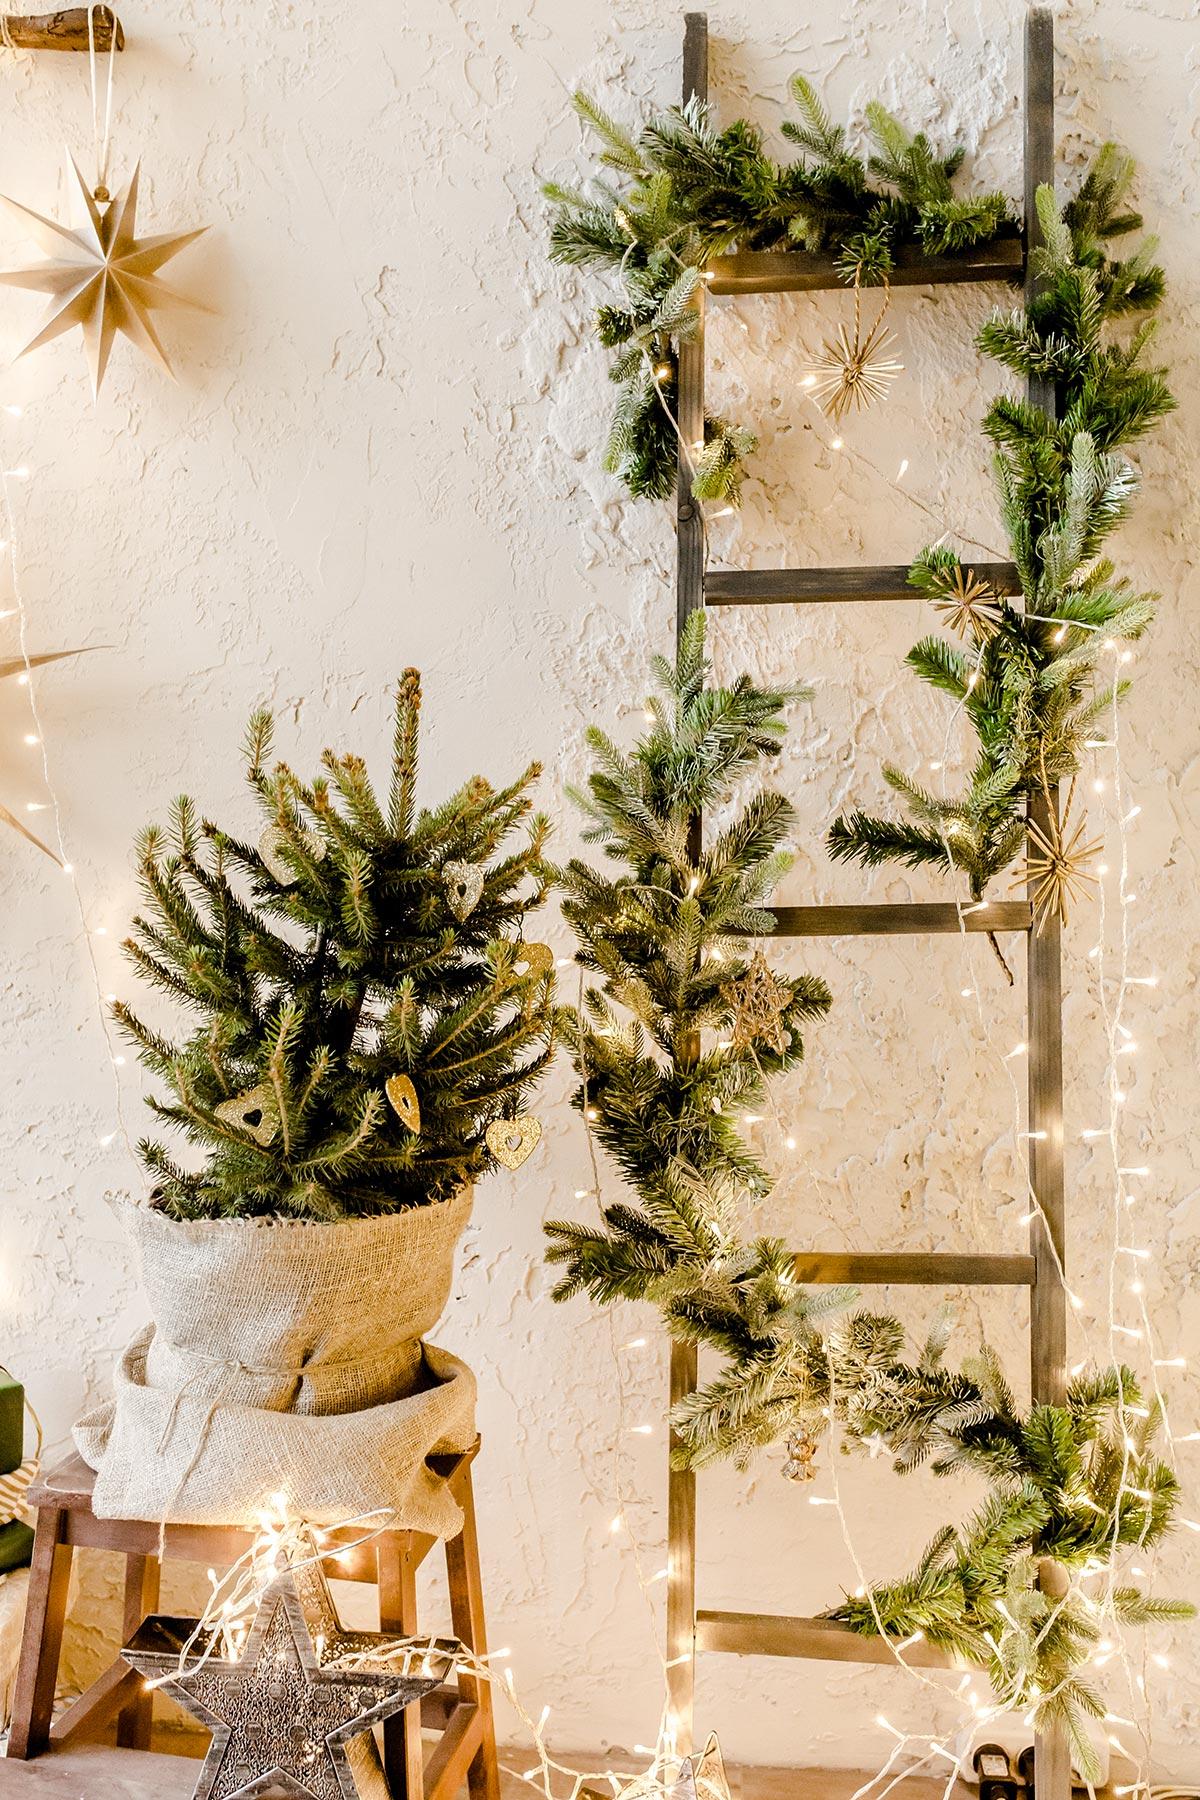 Scala decorata con rami di pino e lucette.